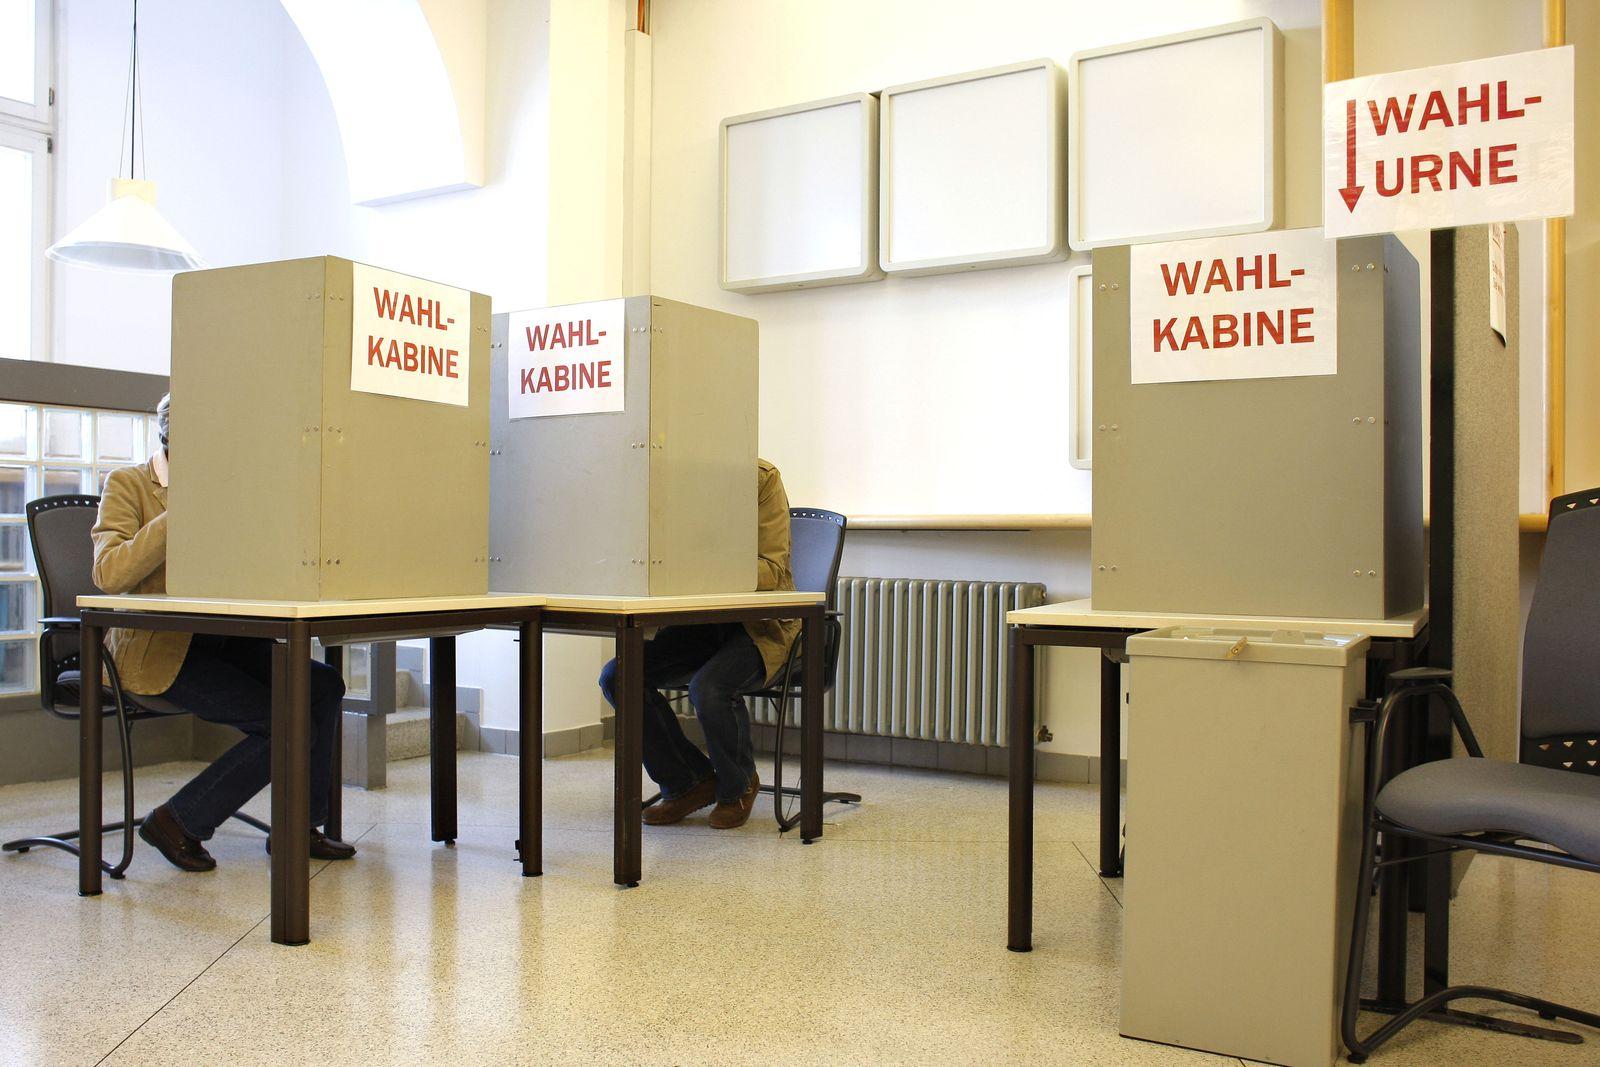 Wähler in der Wahlkabine